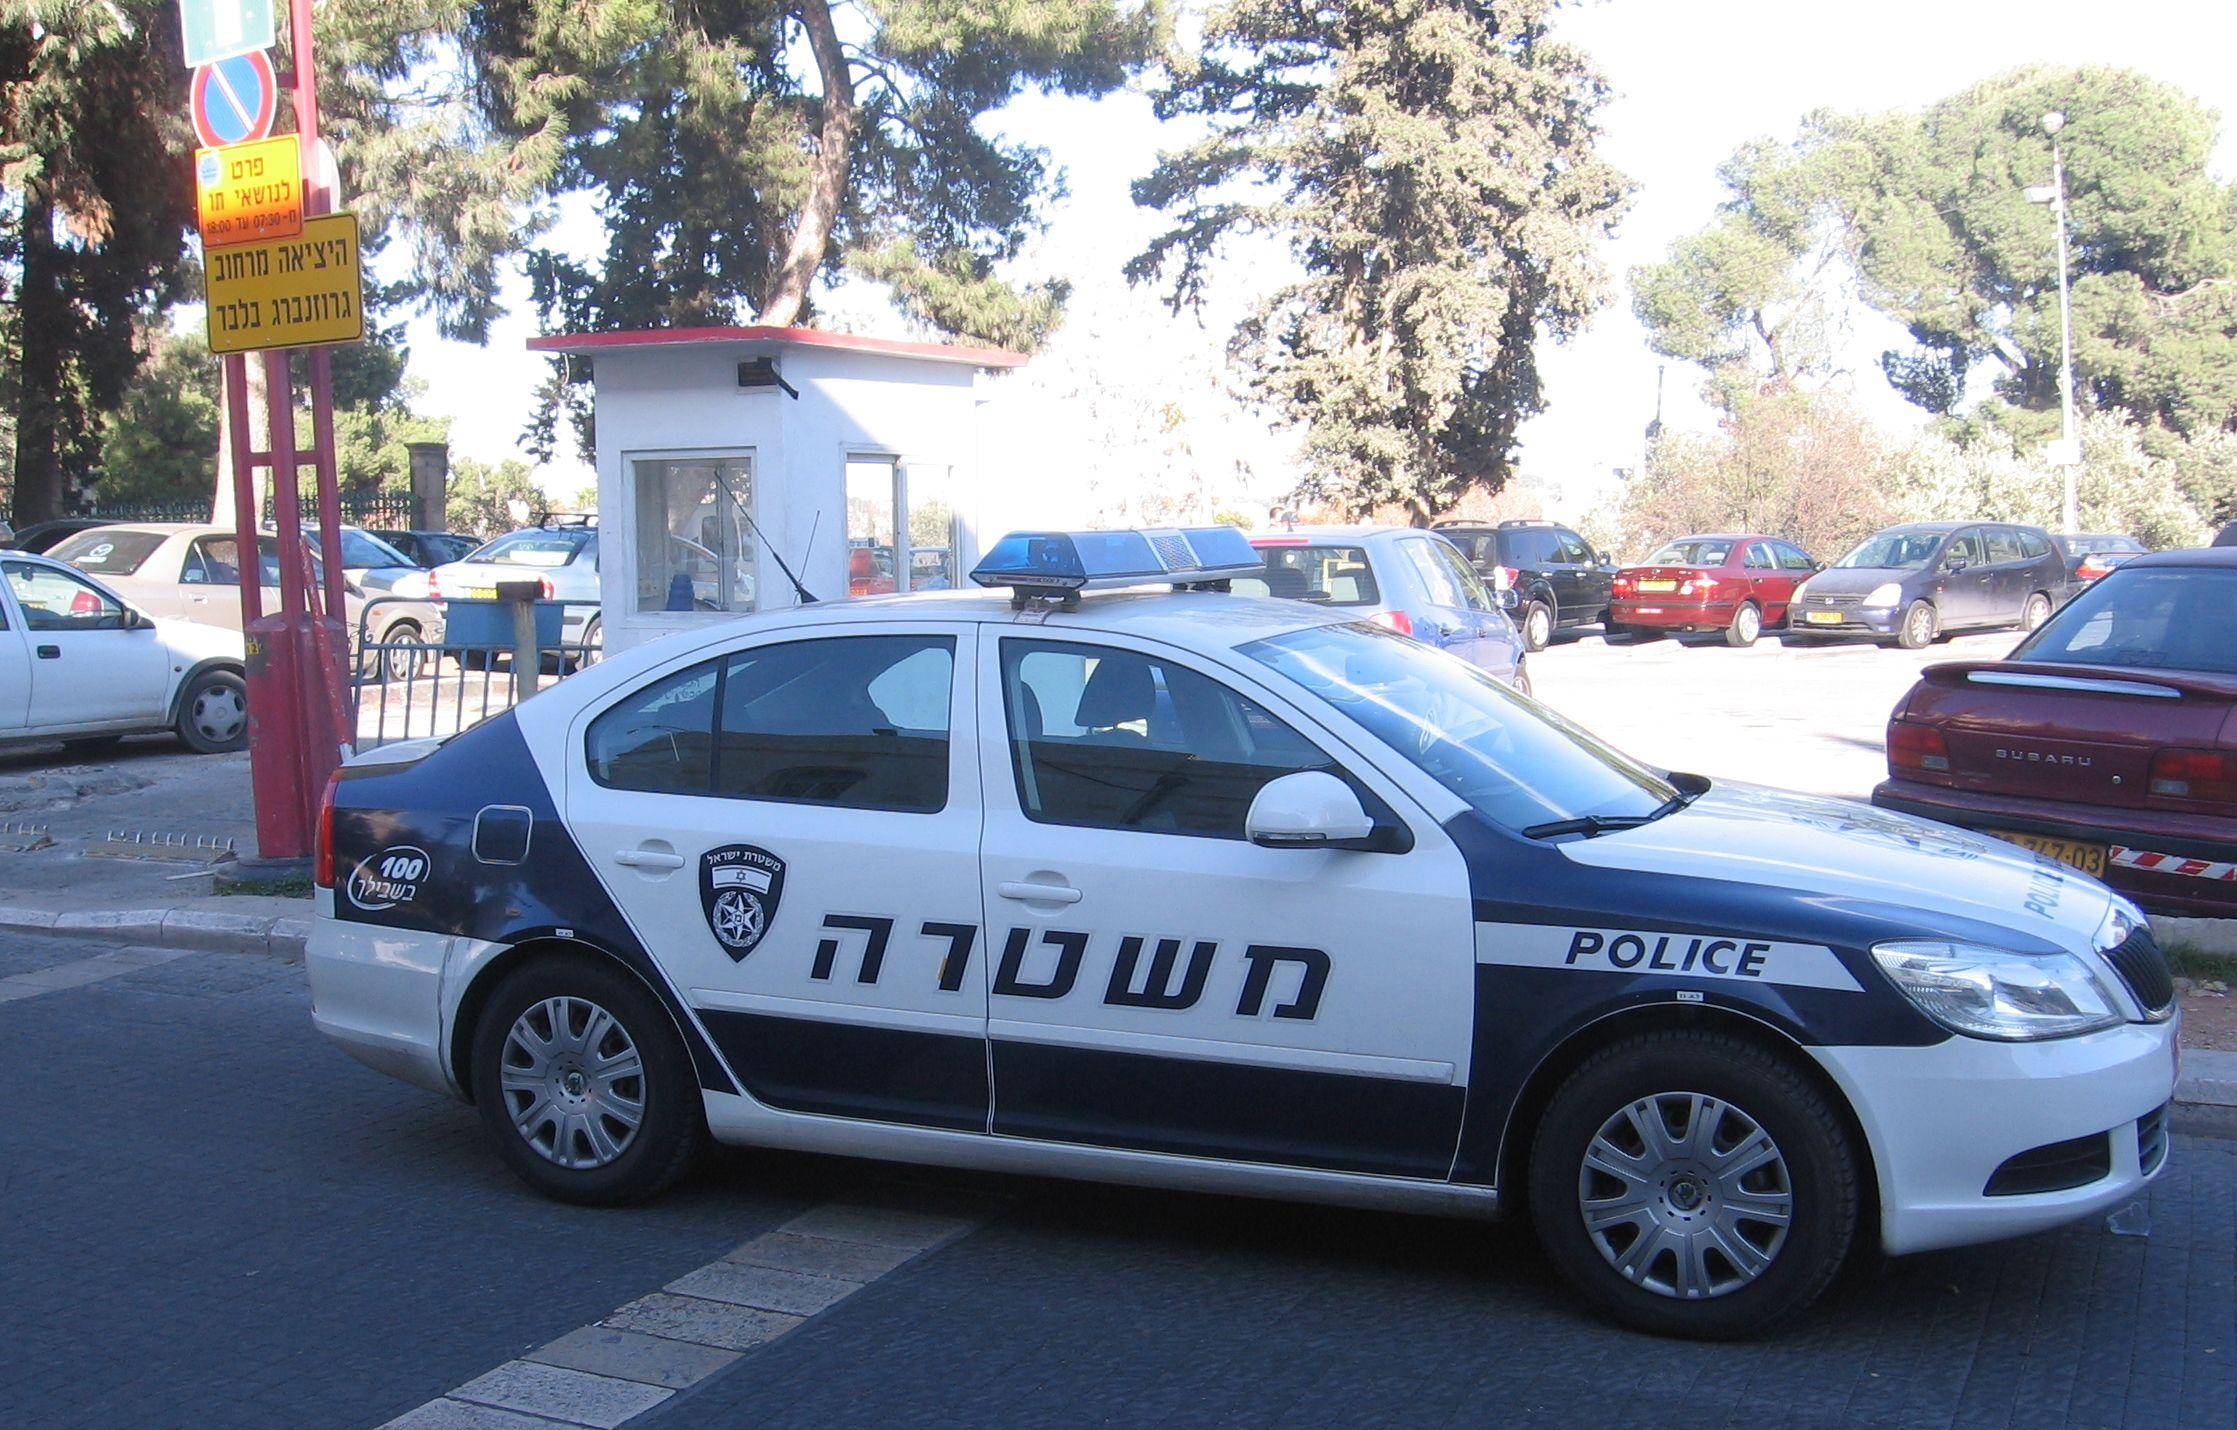 Skoda au service de la police - Page 2 Israel_Police_squad_car